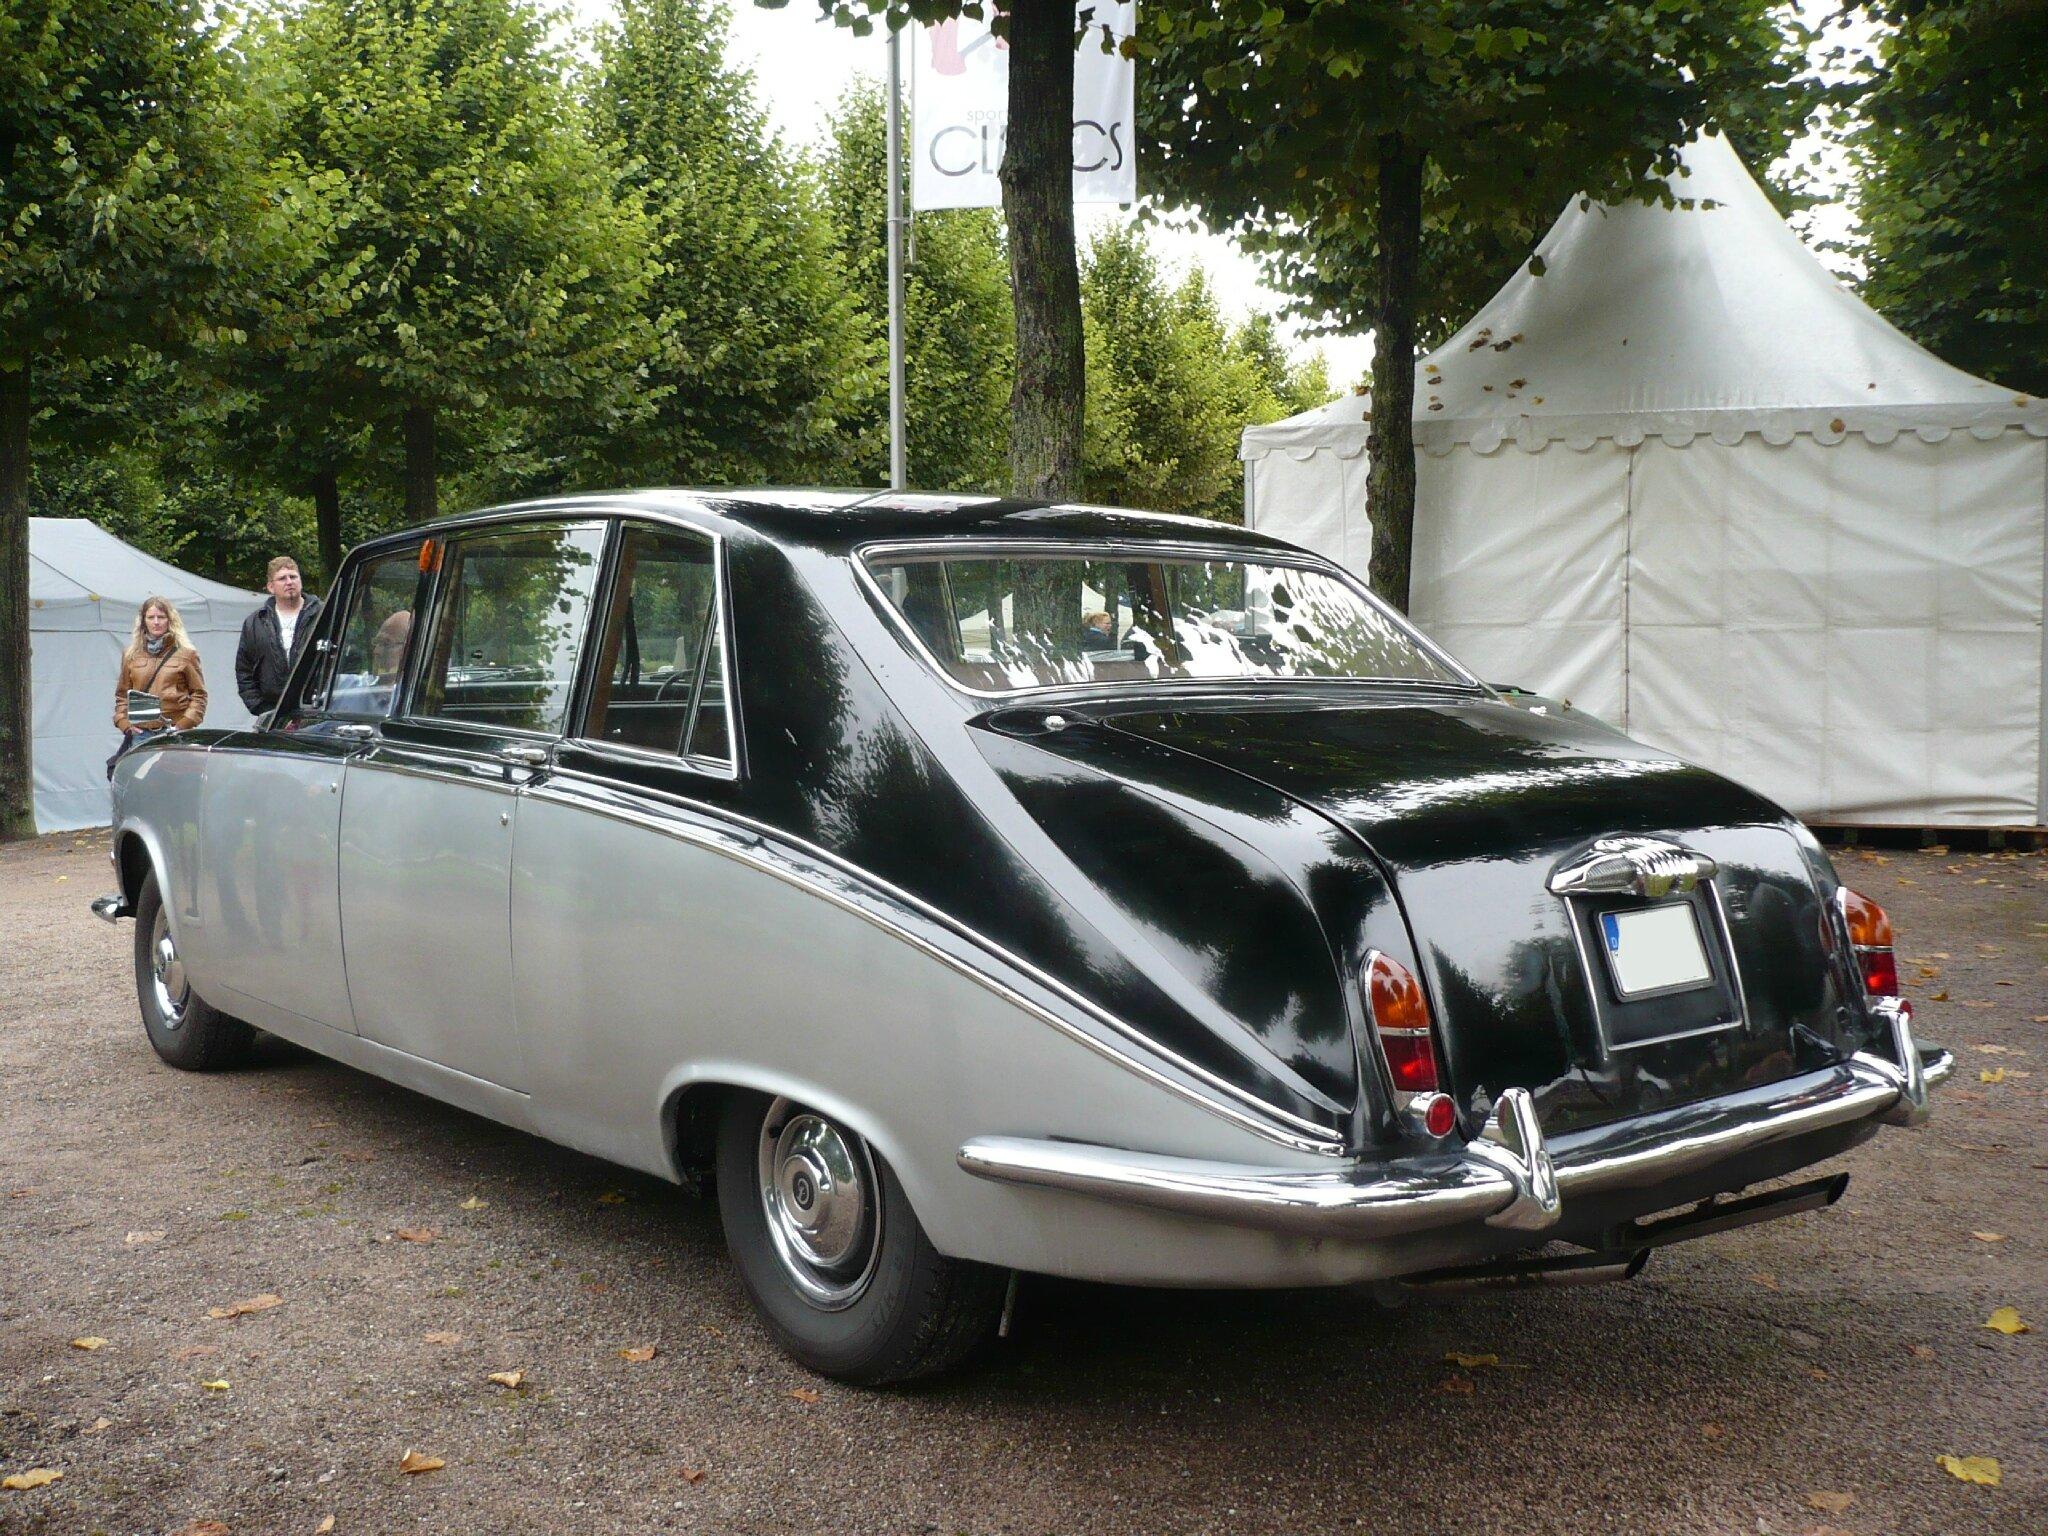 DAIMLER DS 420 limousine Schwetzingen (2)